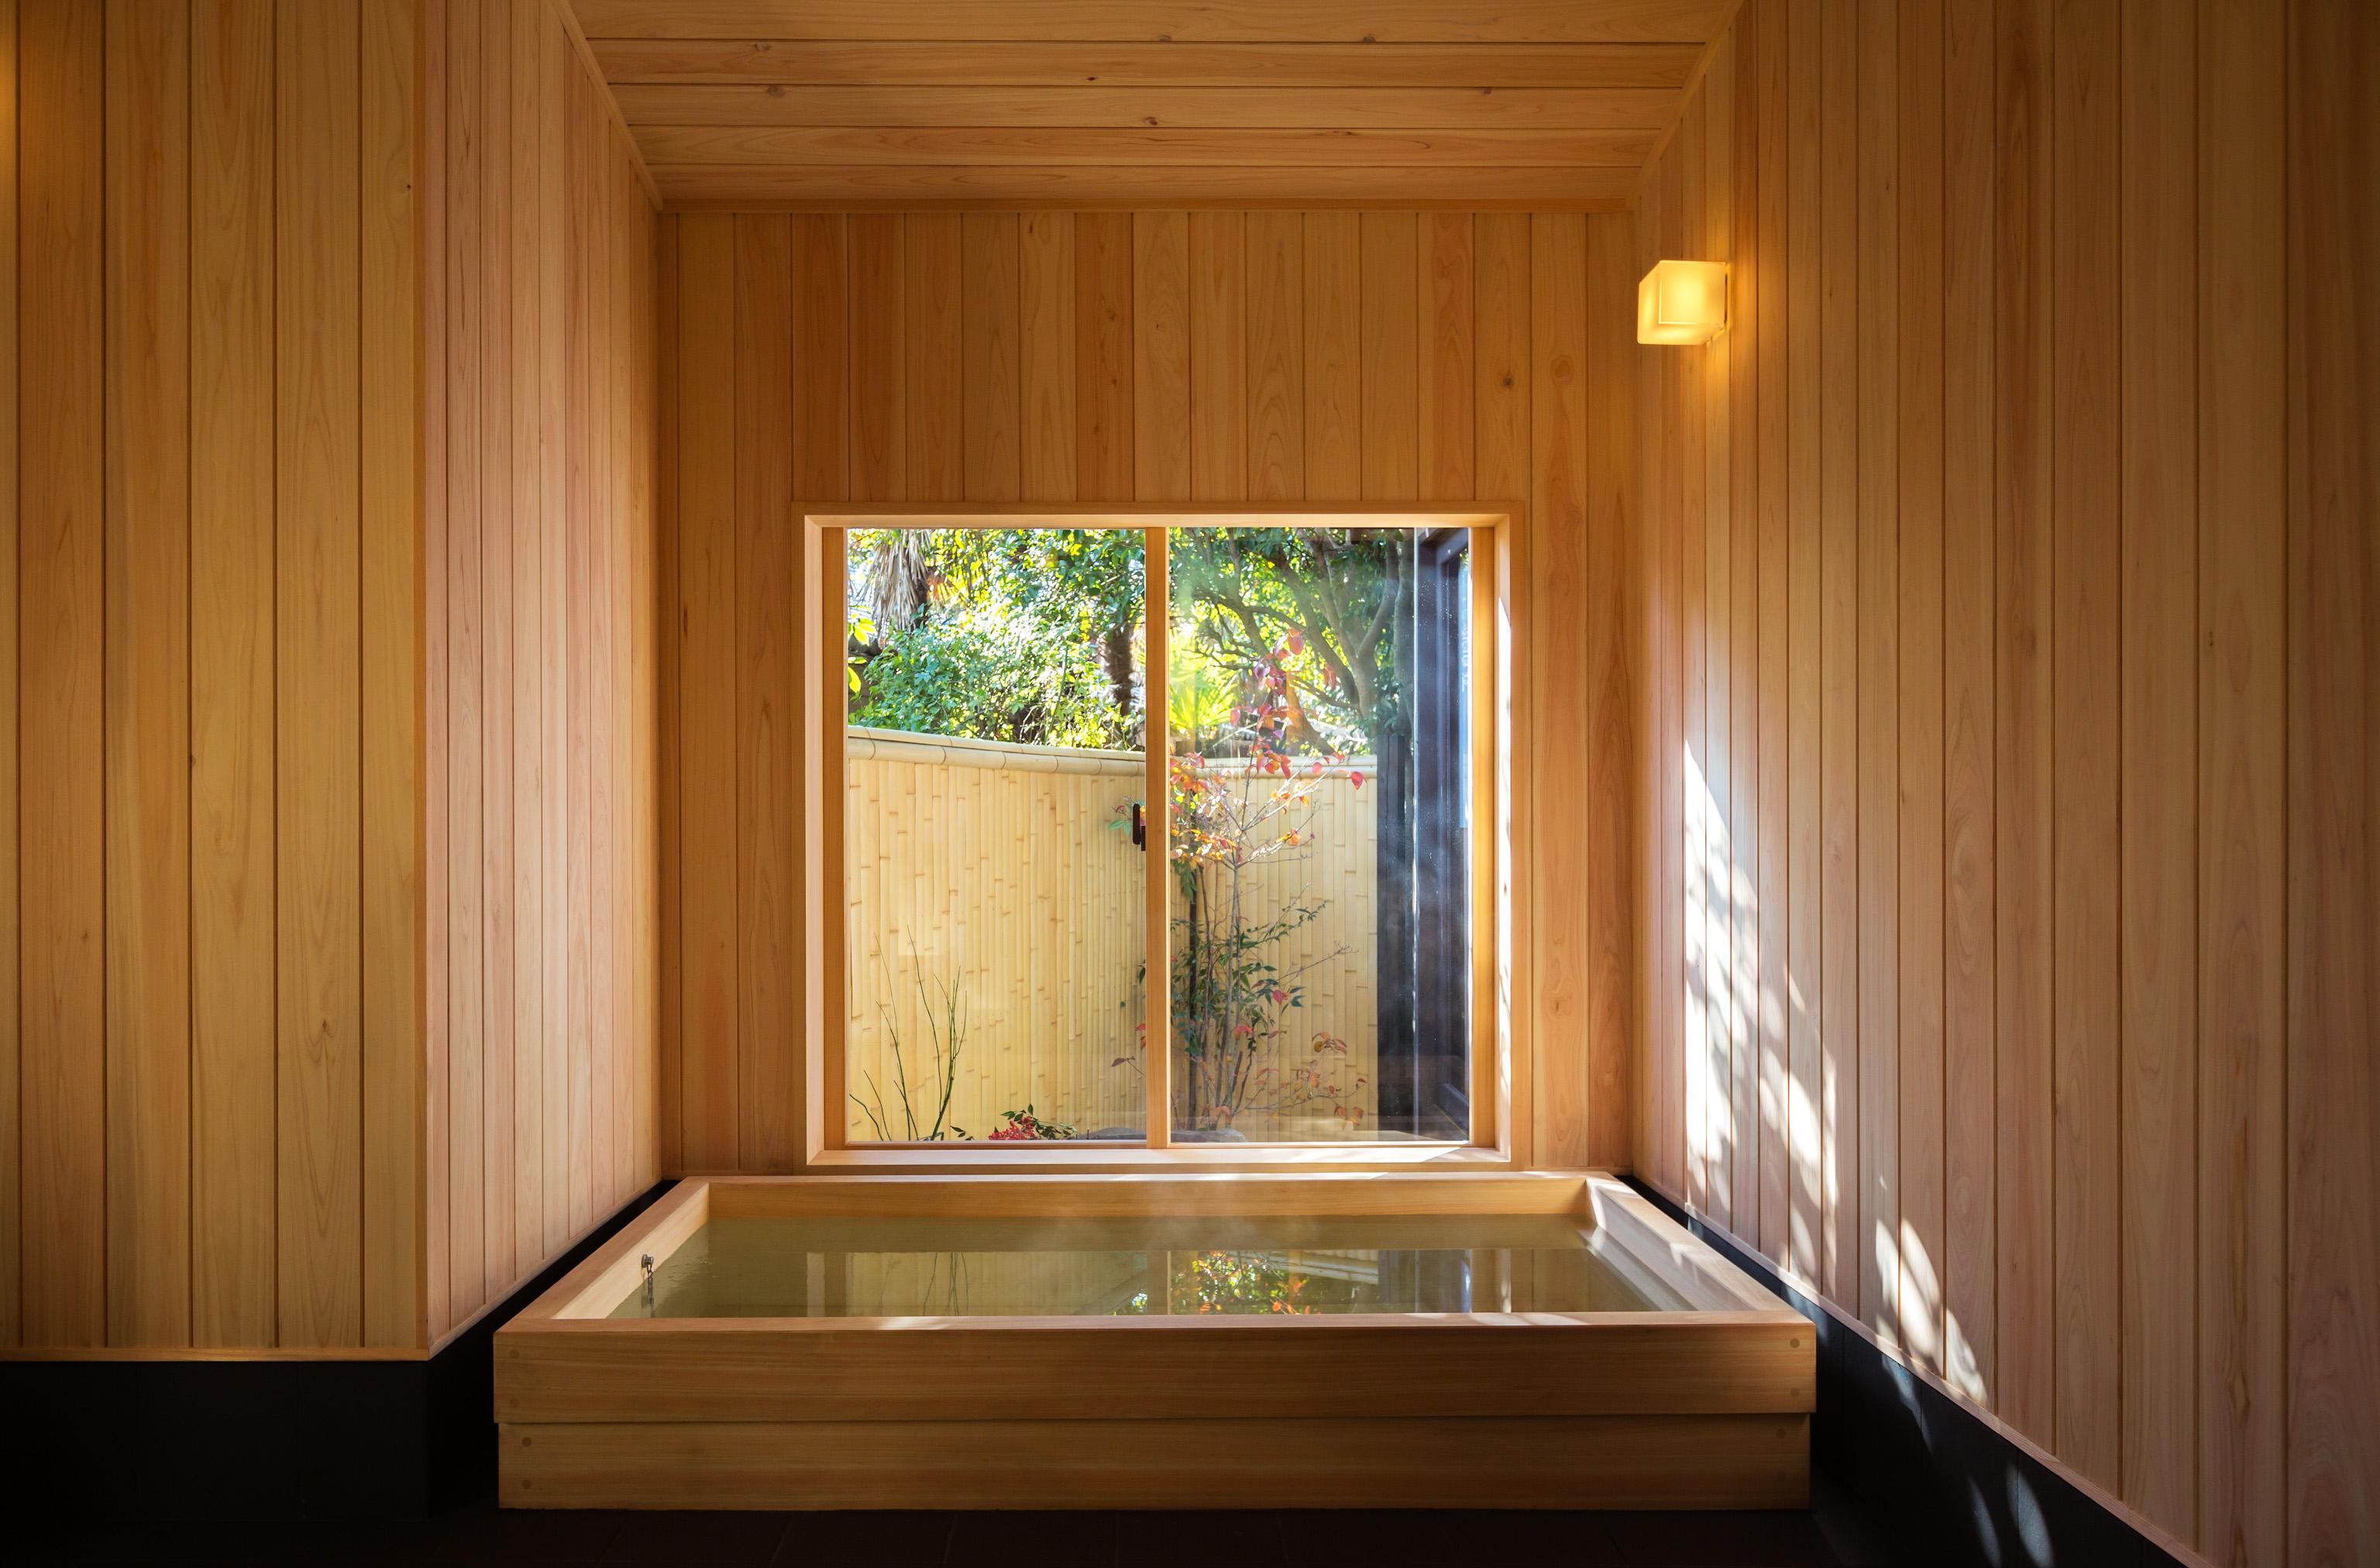 お風呂は、足を伸ばしてゆっくり温まれる檜風呂